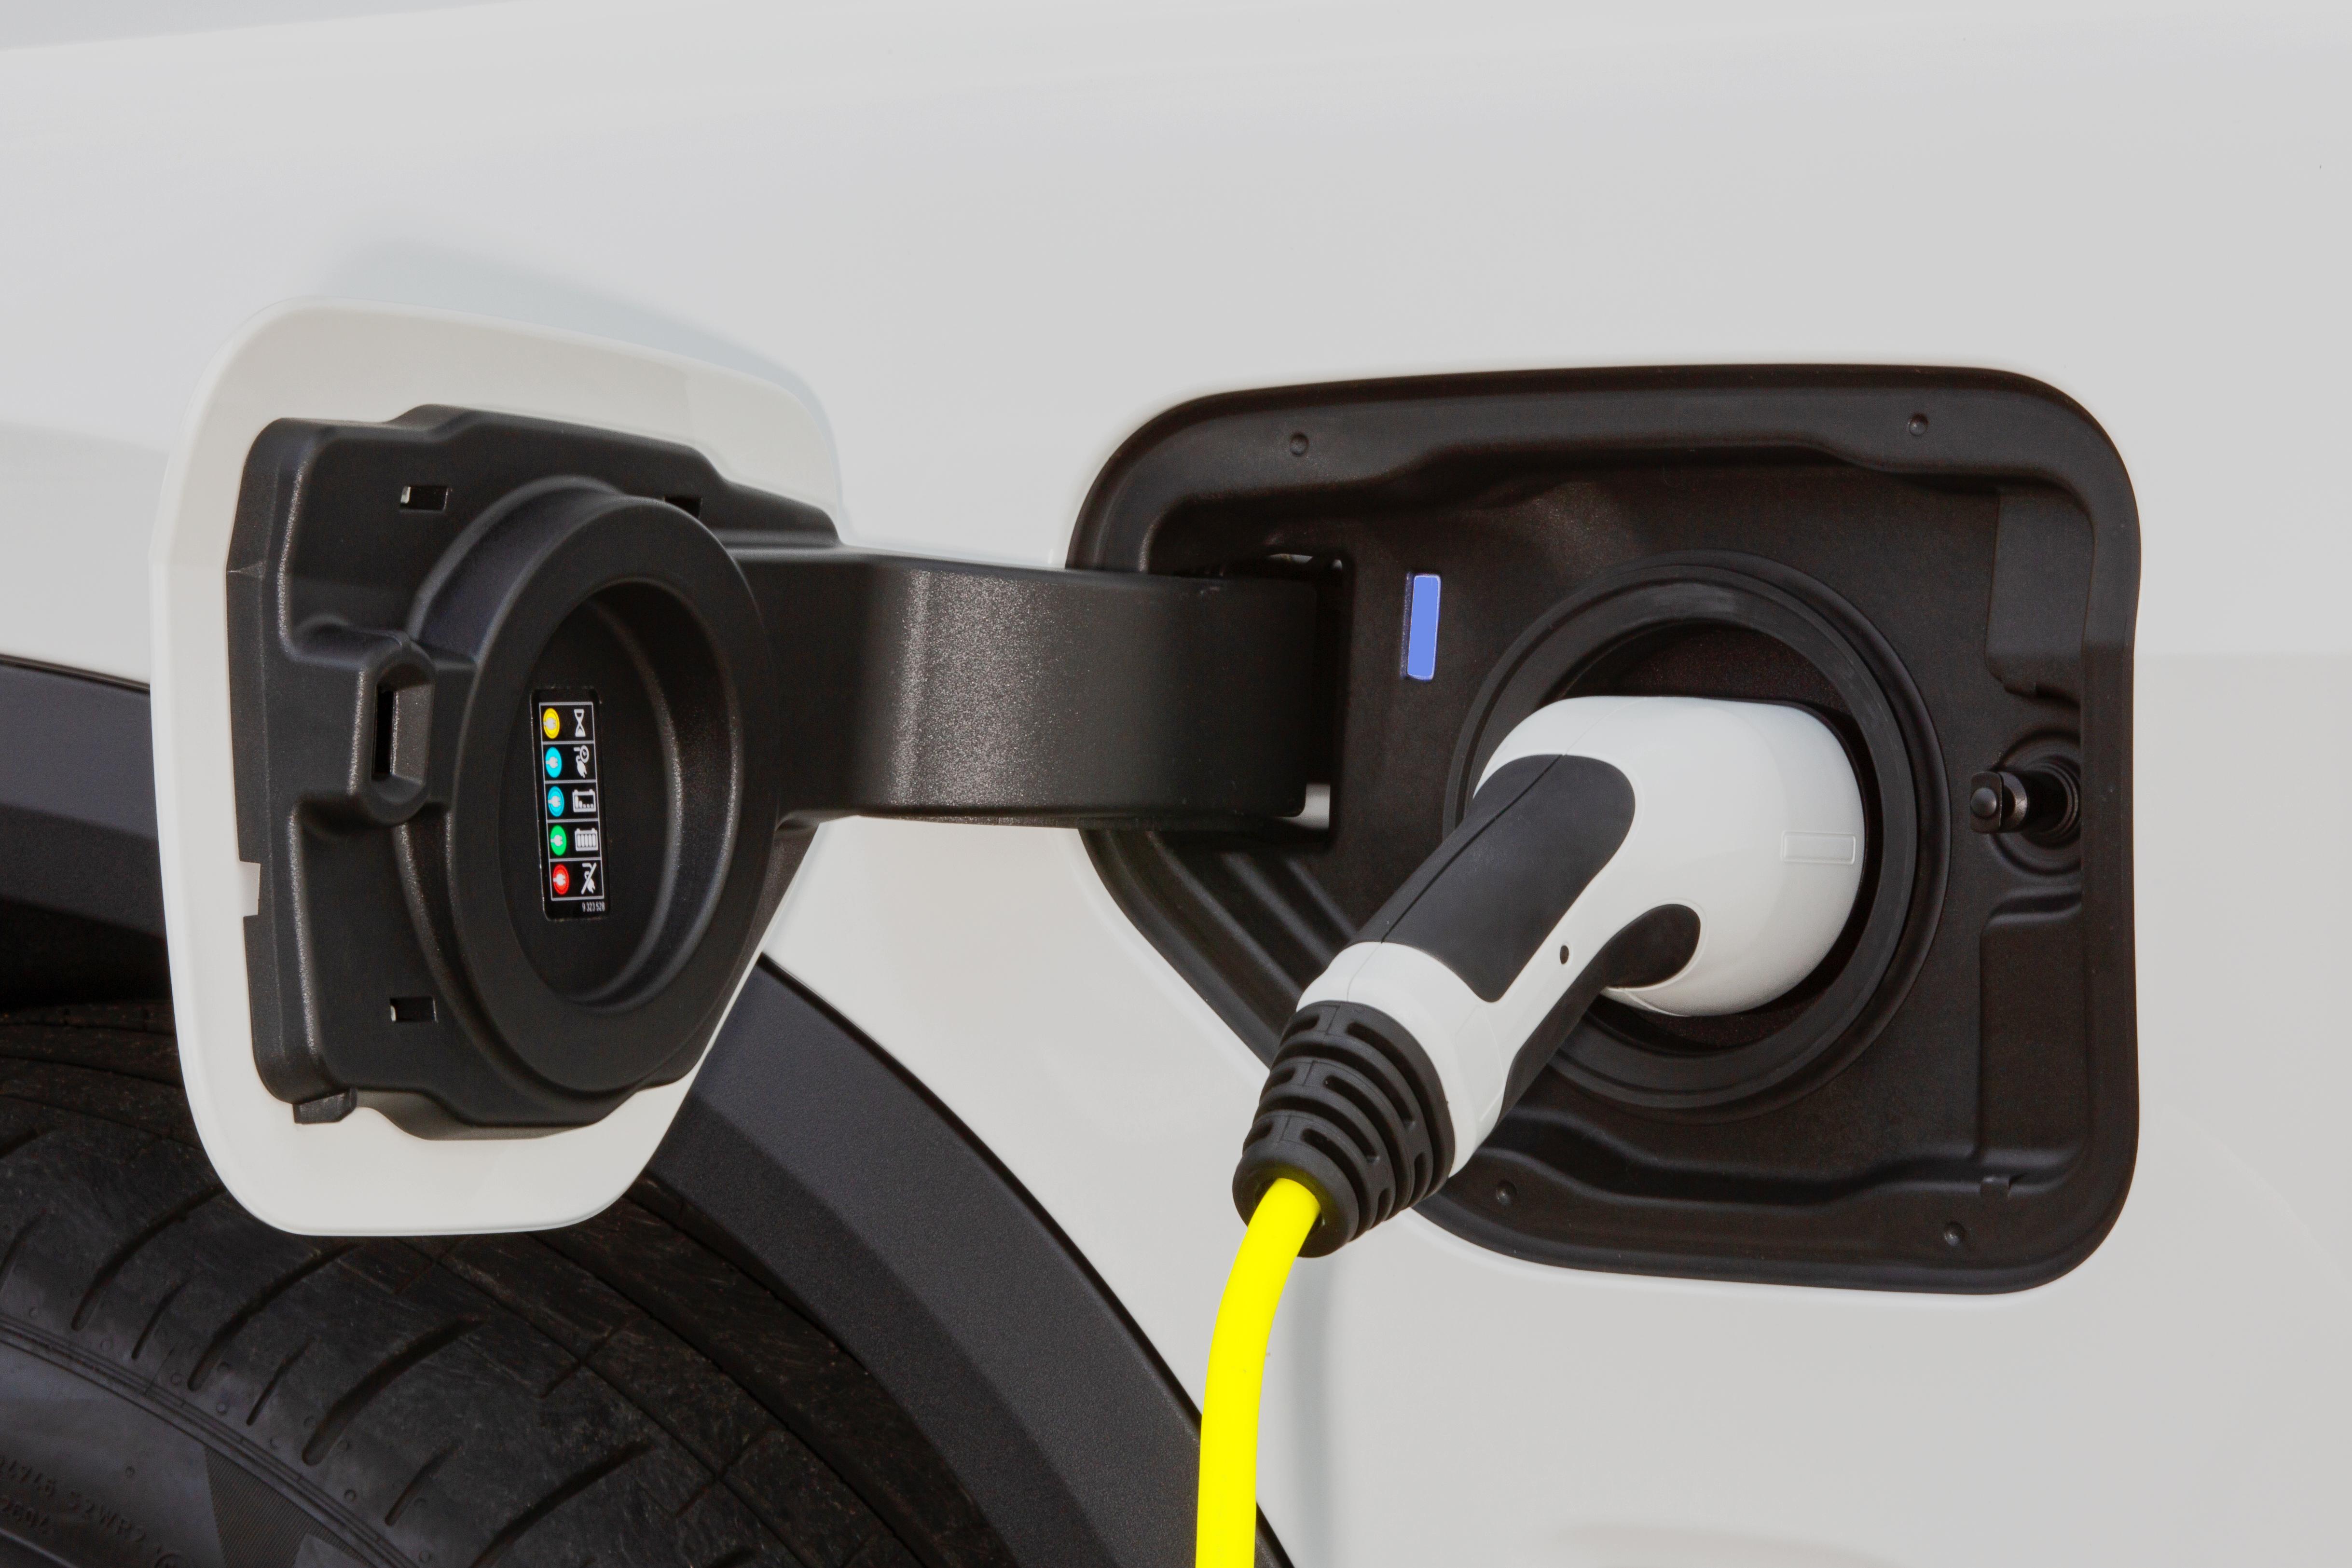 EV smart charging